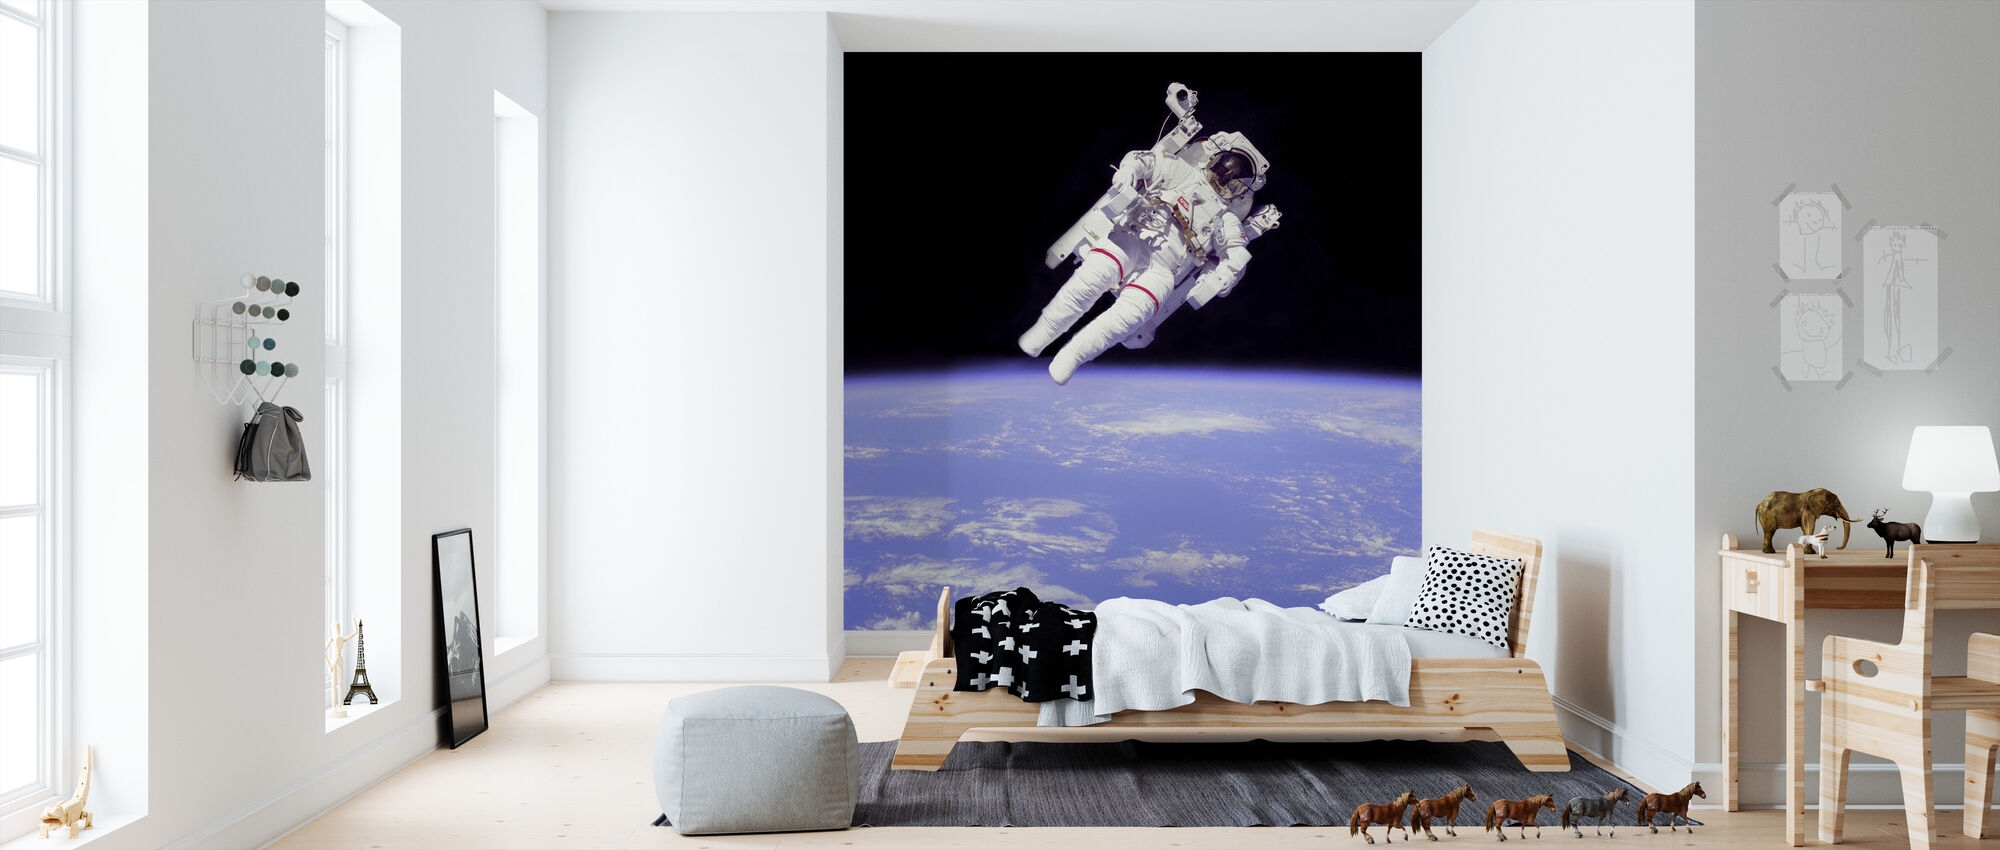 Astronaut - Wallpaper - Kids Room